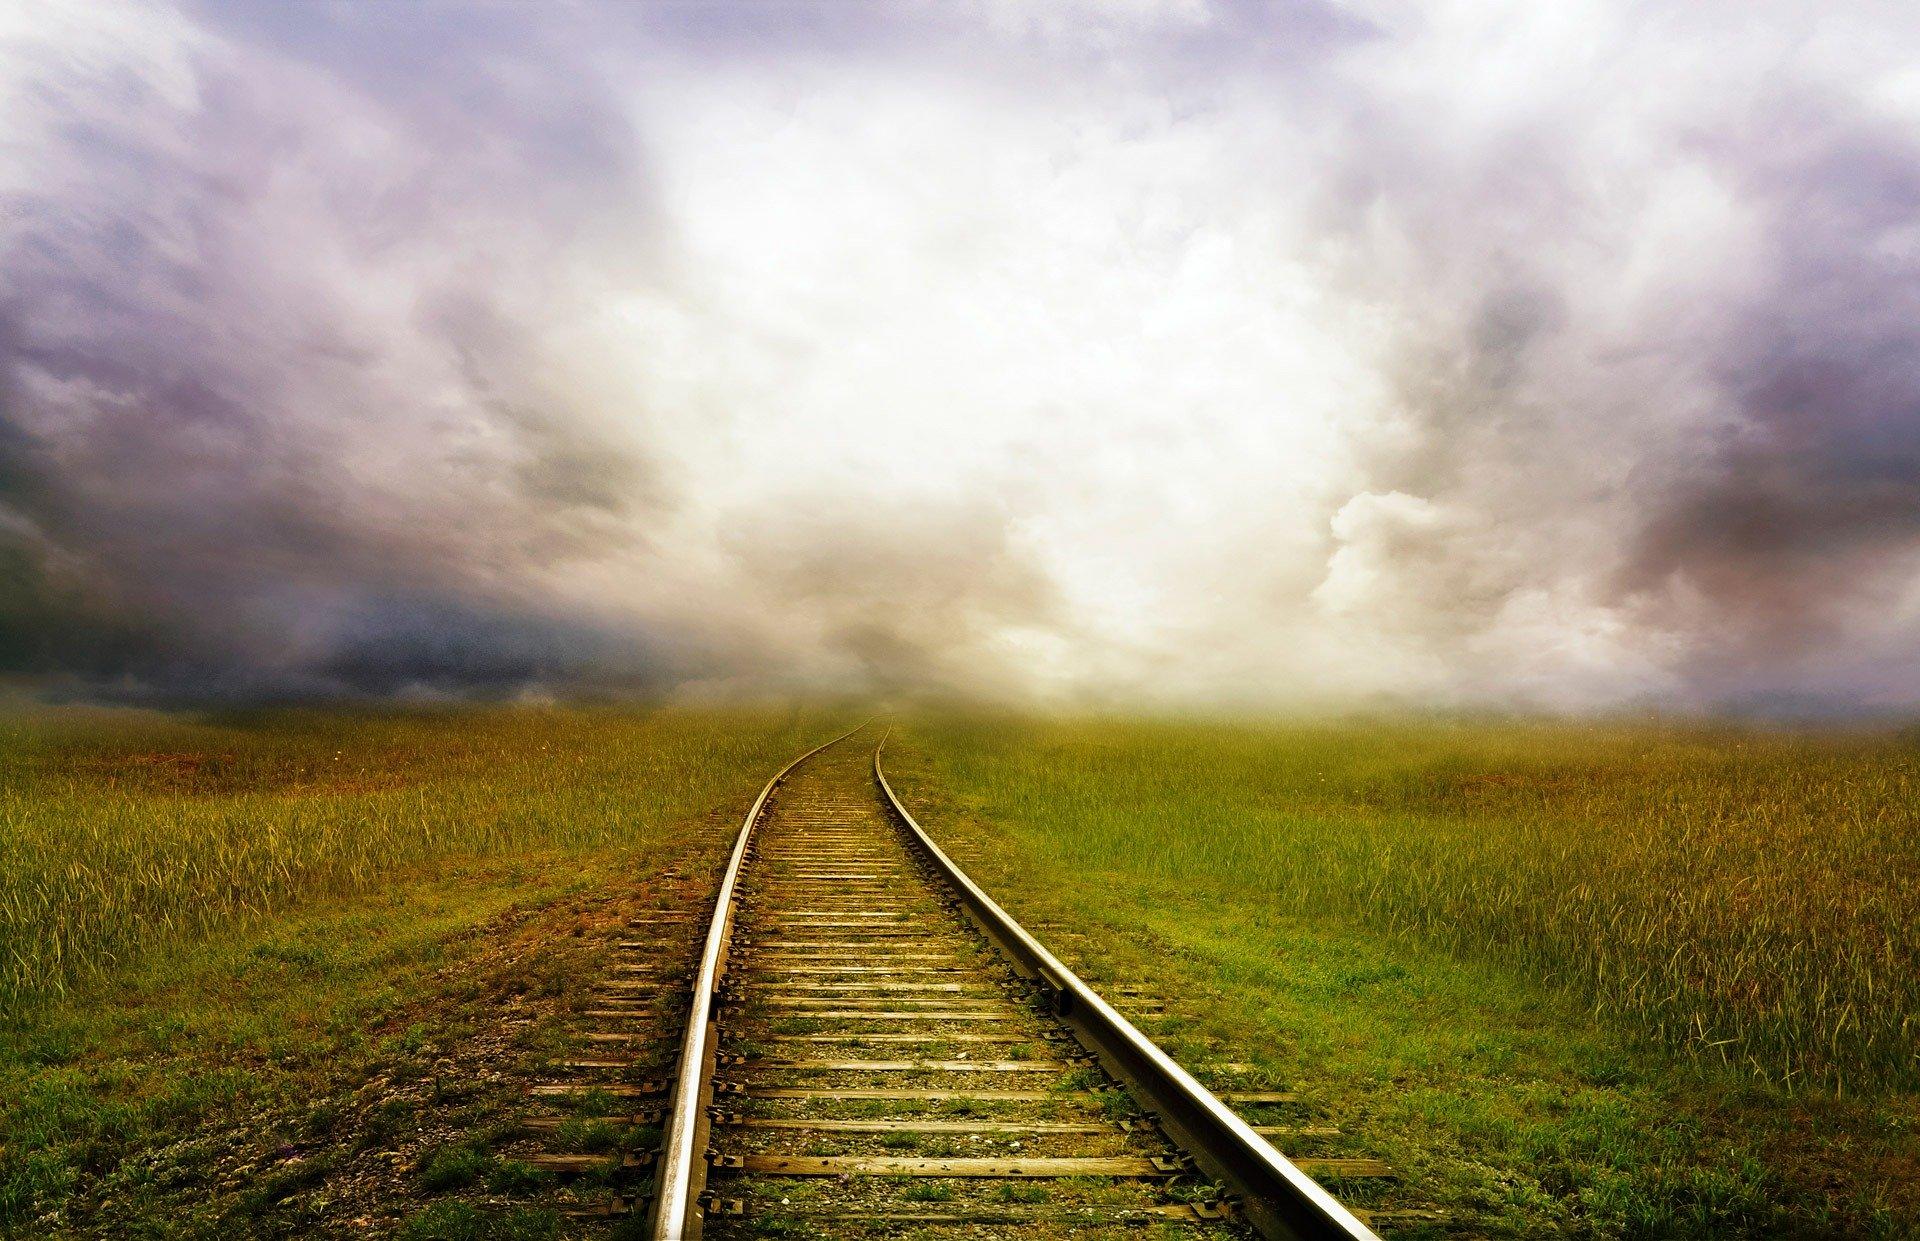 https://edromos.gr/wp-content/uploads/2020/07/railroad-tracks-163518.jpg